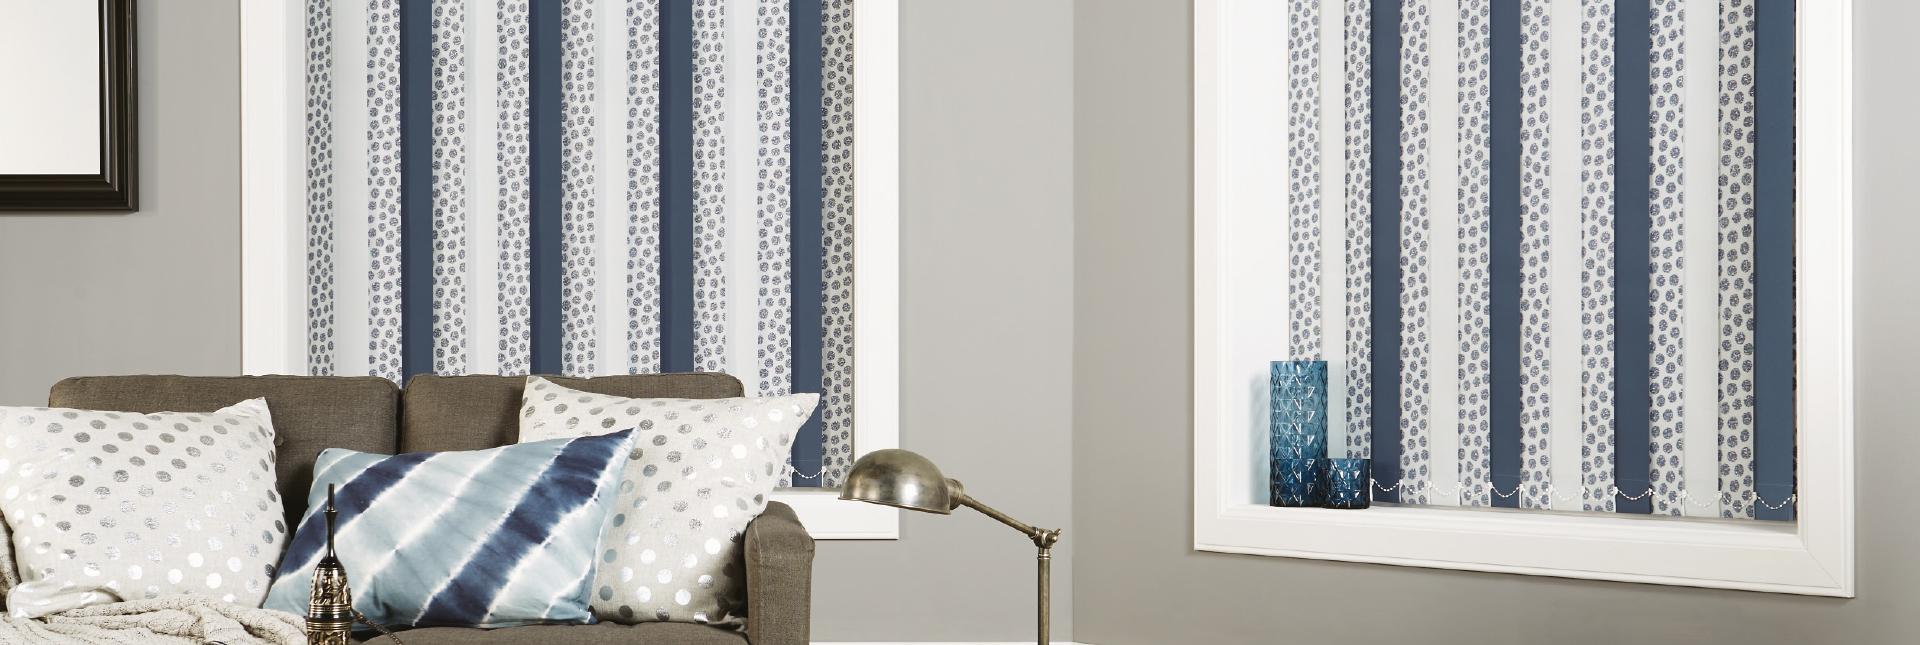 vertical blinds louvolite. Black Bedroom Furniture Sets. Home Design Ideas